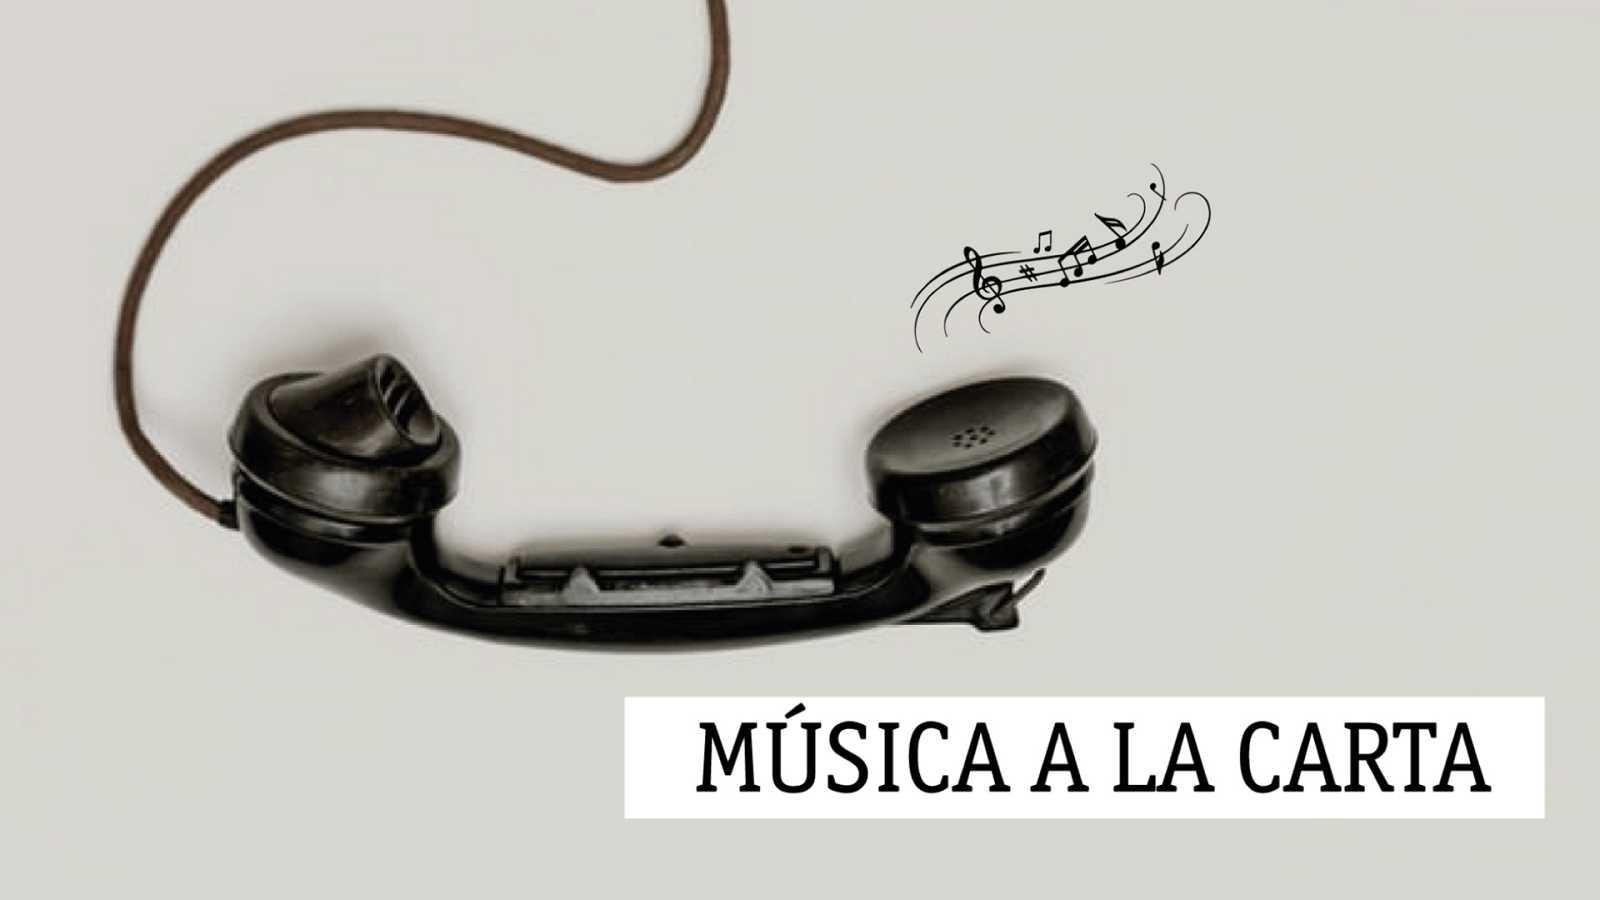 Música a la carta - 27/04/21 - escuchar ahora